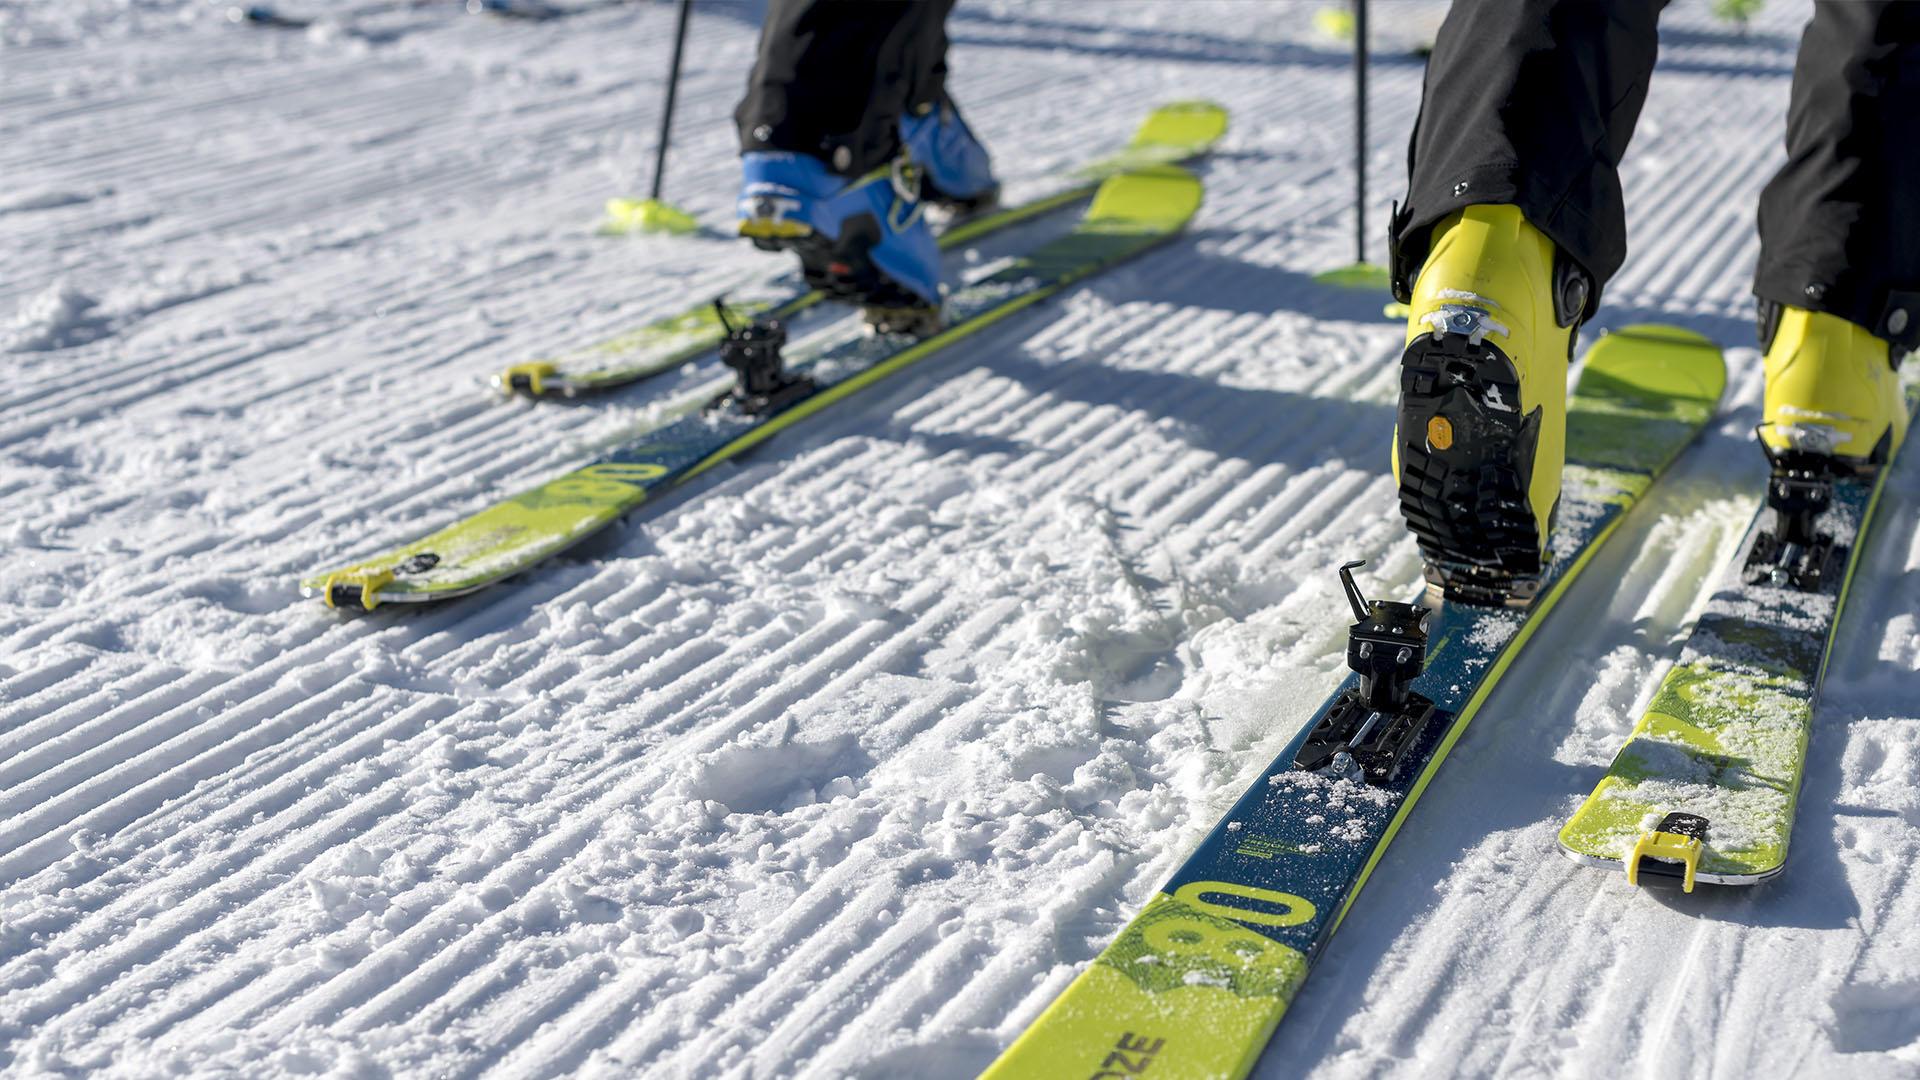 Pack Ski de randonnée RT 500 + fixations + peaux